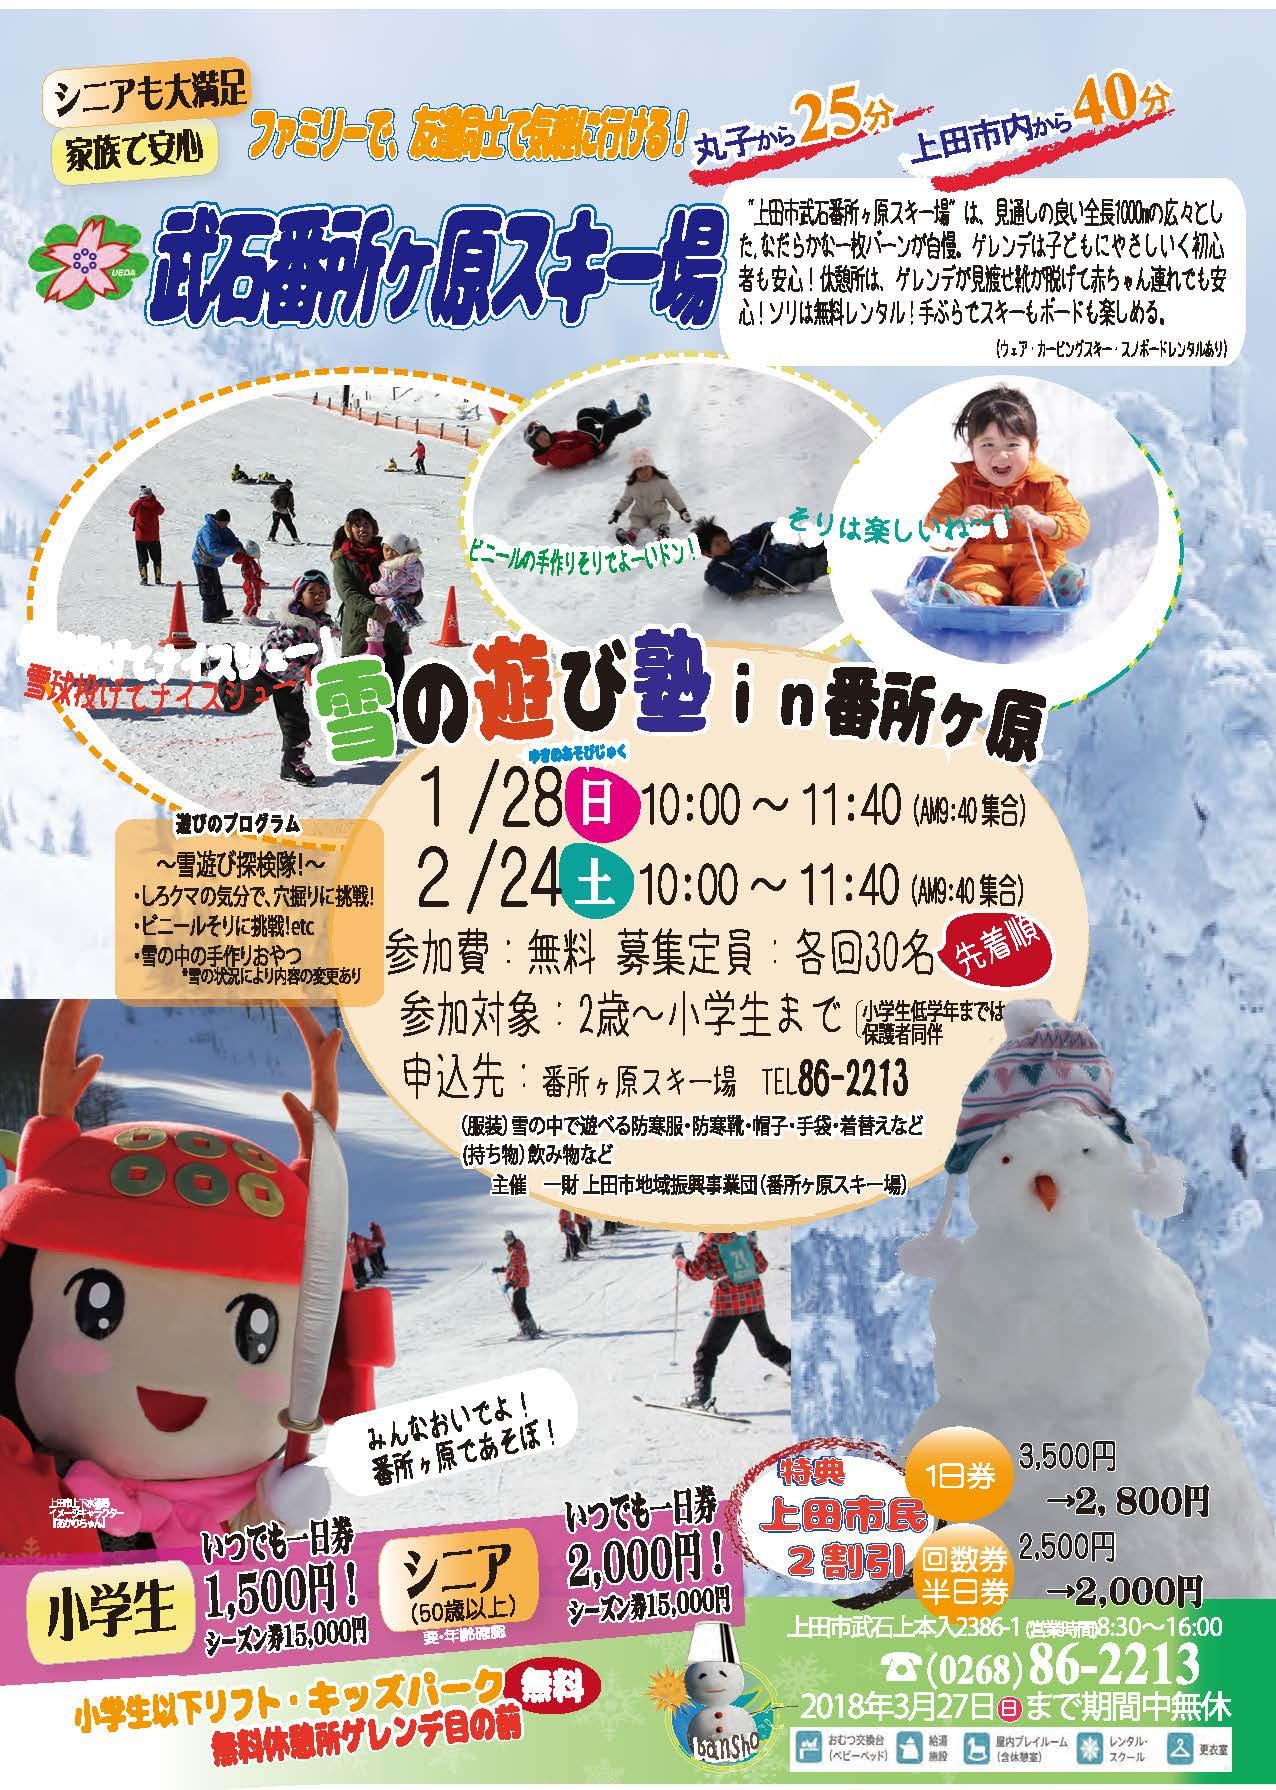 雪の遊び塾29.1.28